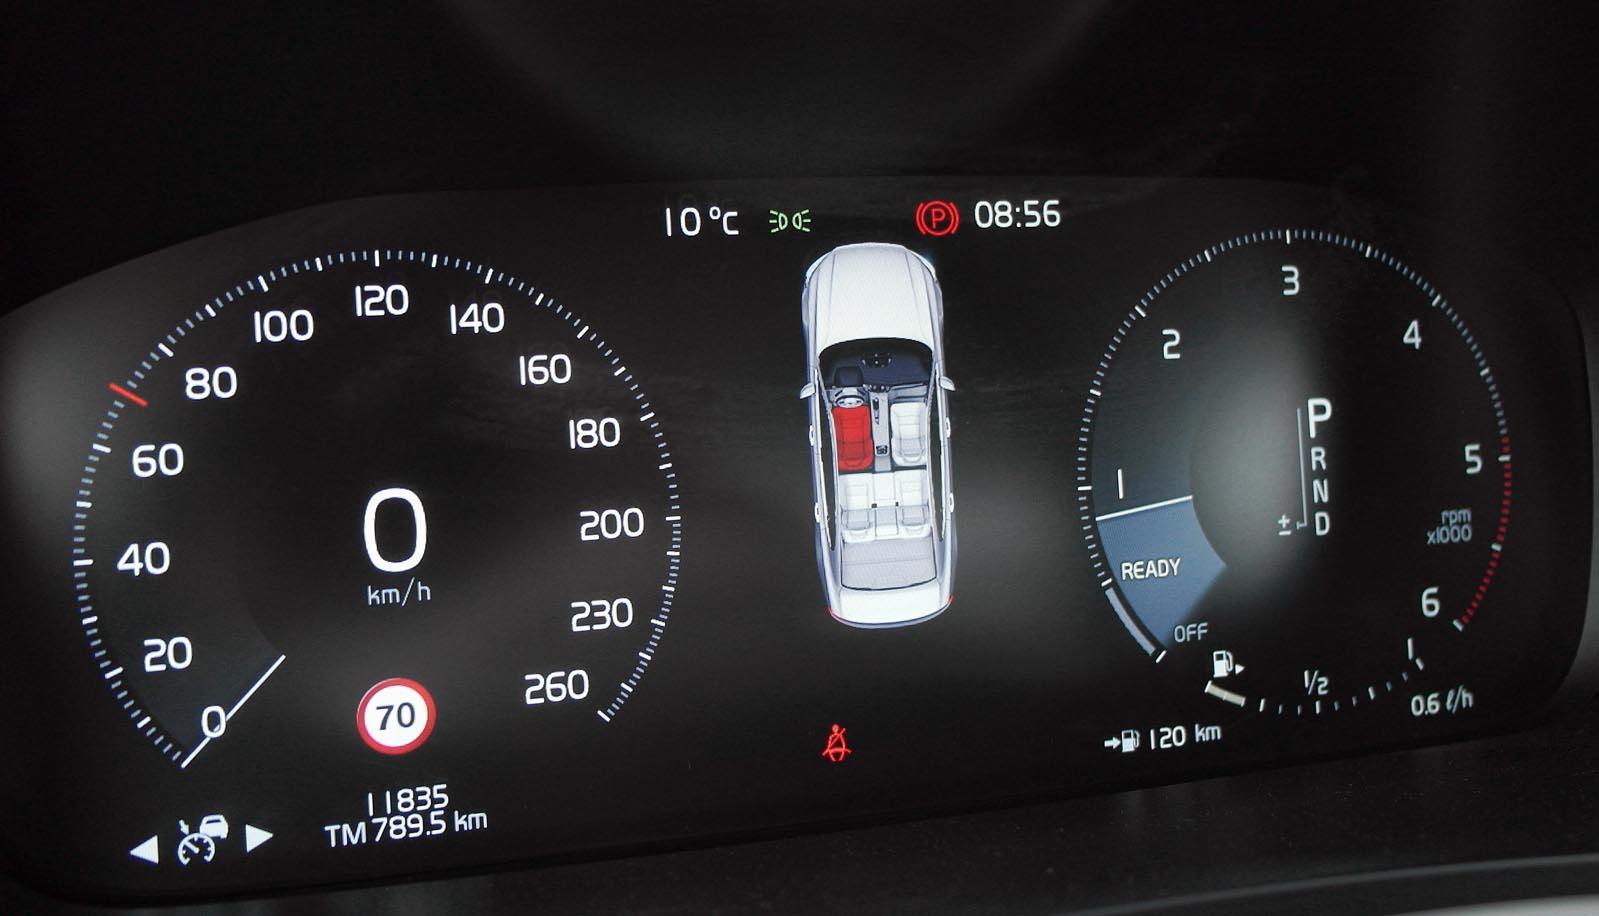 Photo of Γιατί τα θερμόμετρα στο αυτοκίνητα δεν έχουν μεγάλη ακρίβεια;